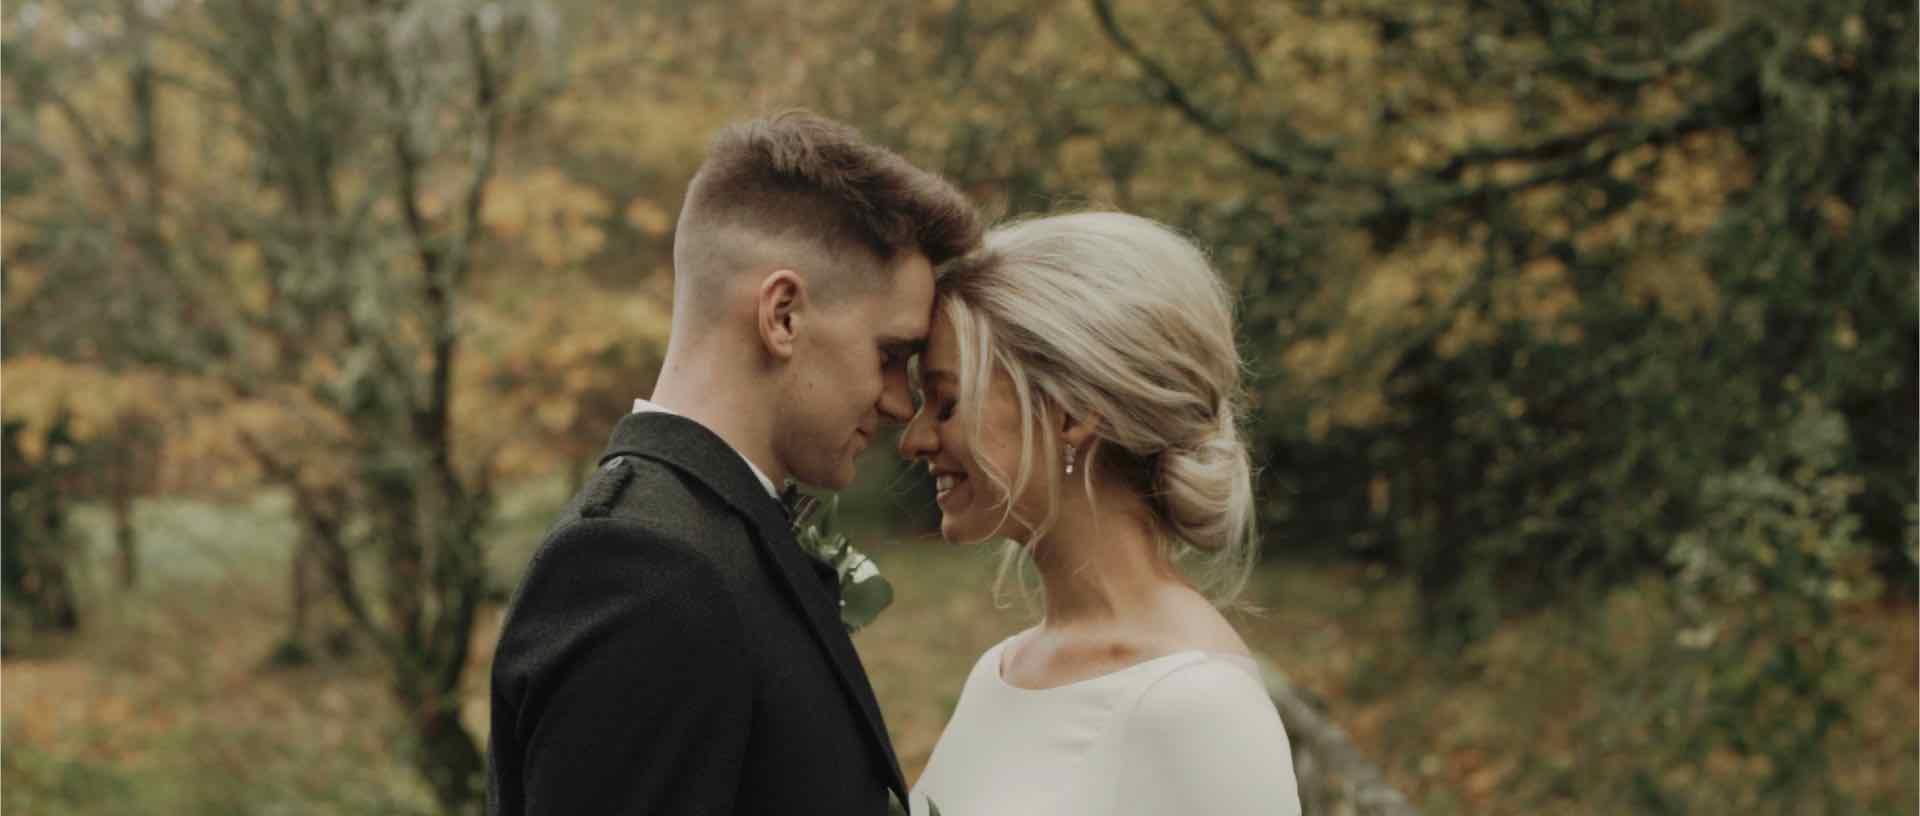 Dumfries Wedding Videographer